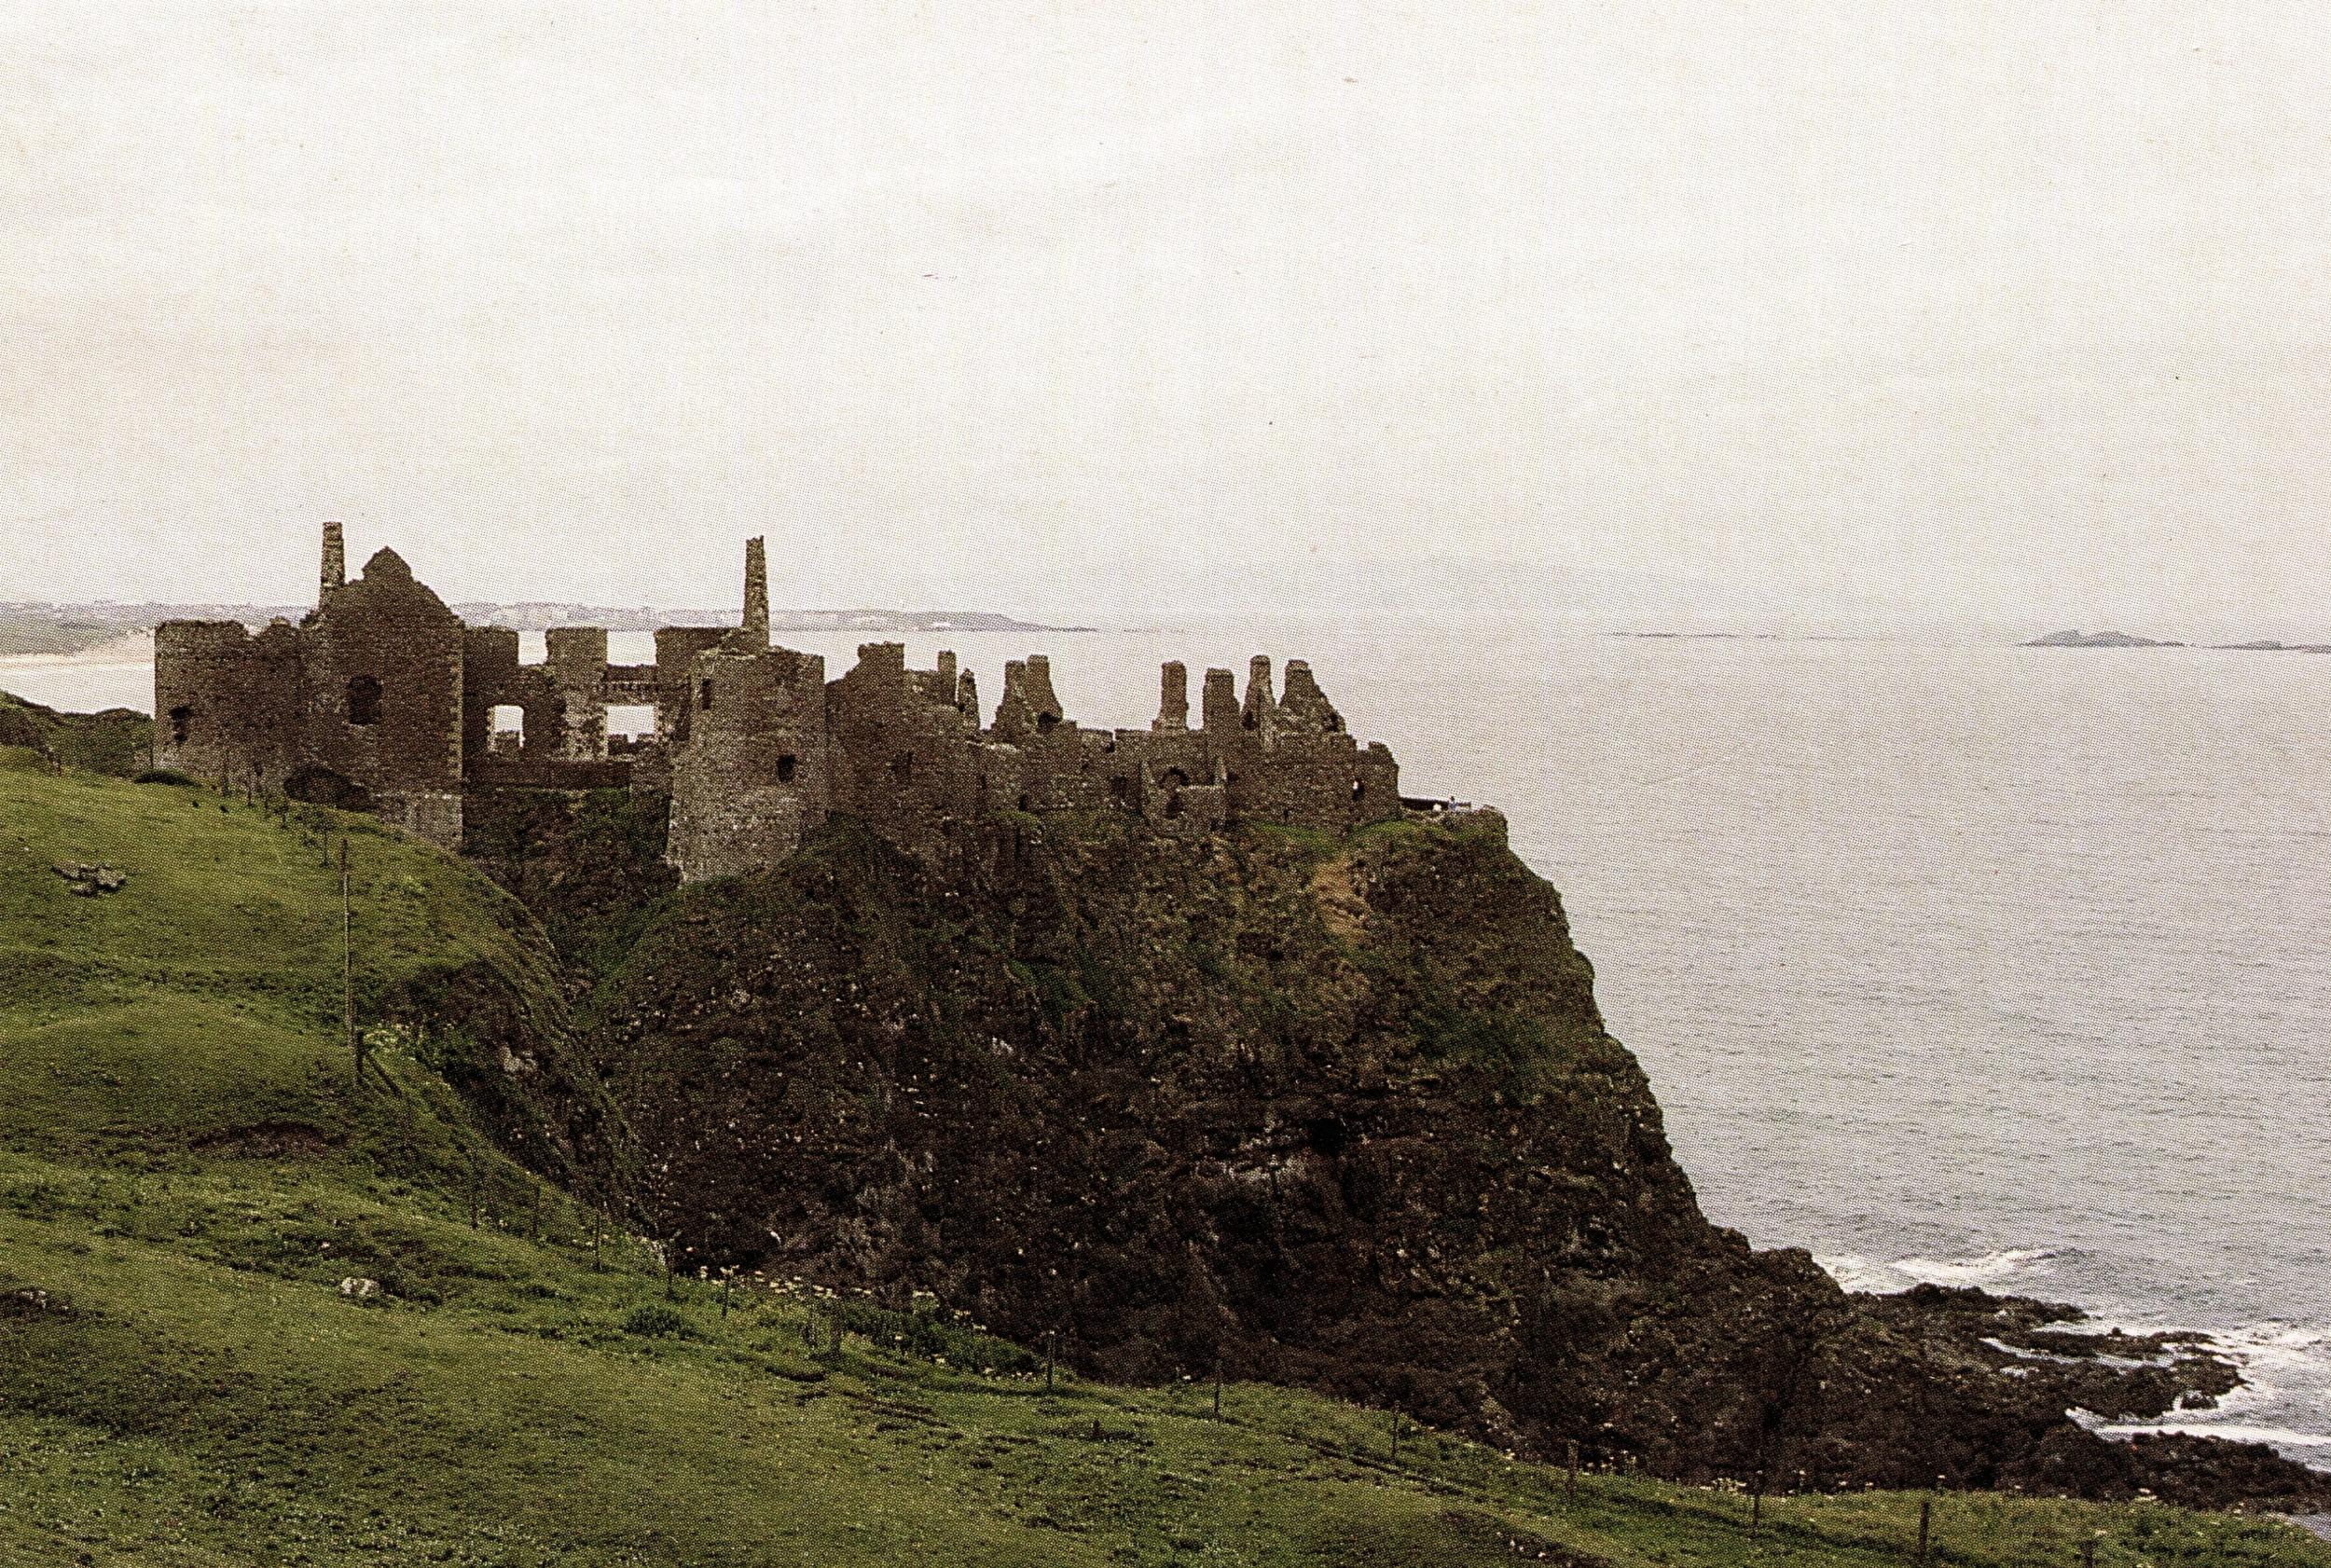 Dunluce Castle, Scotland